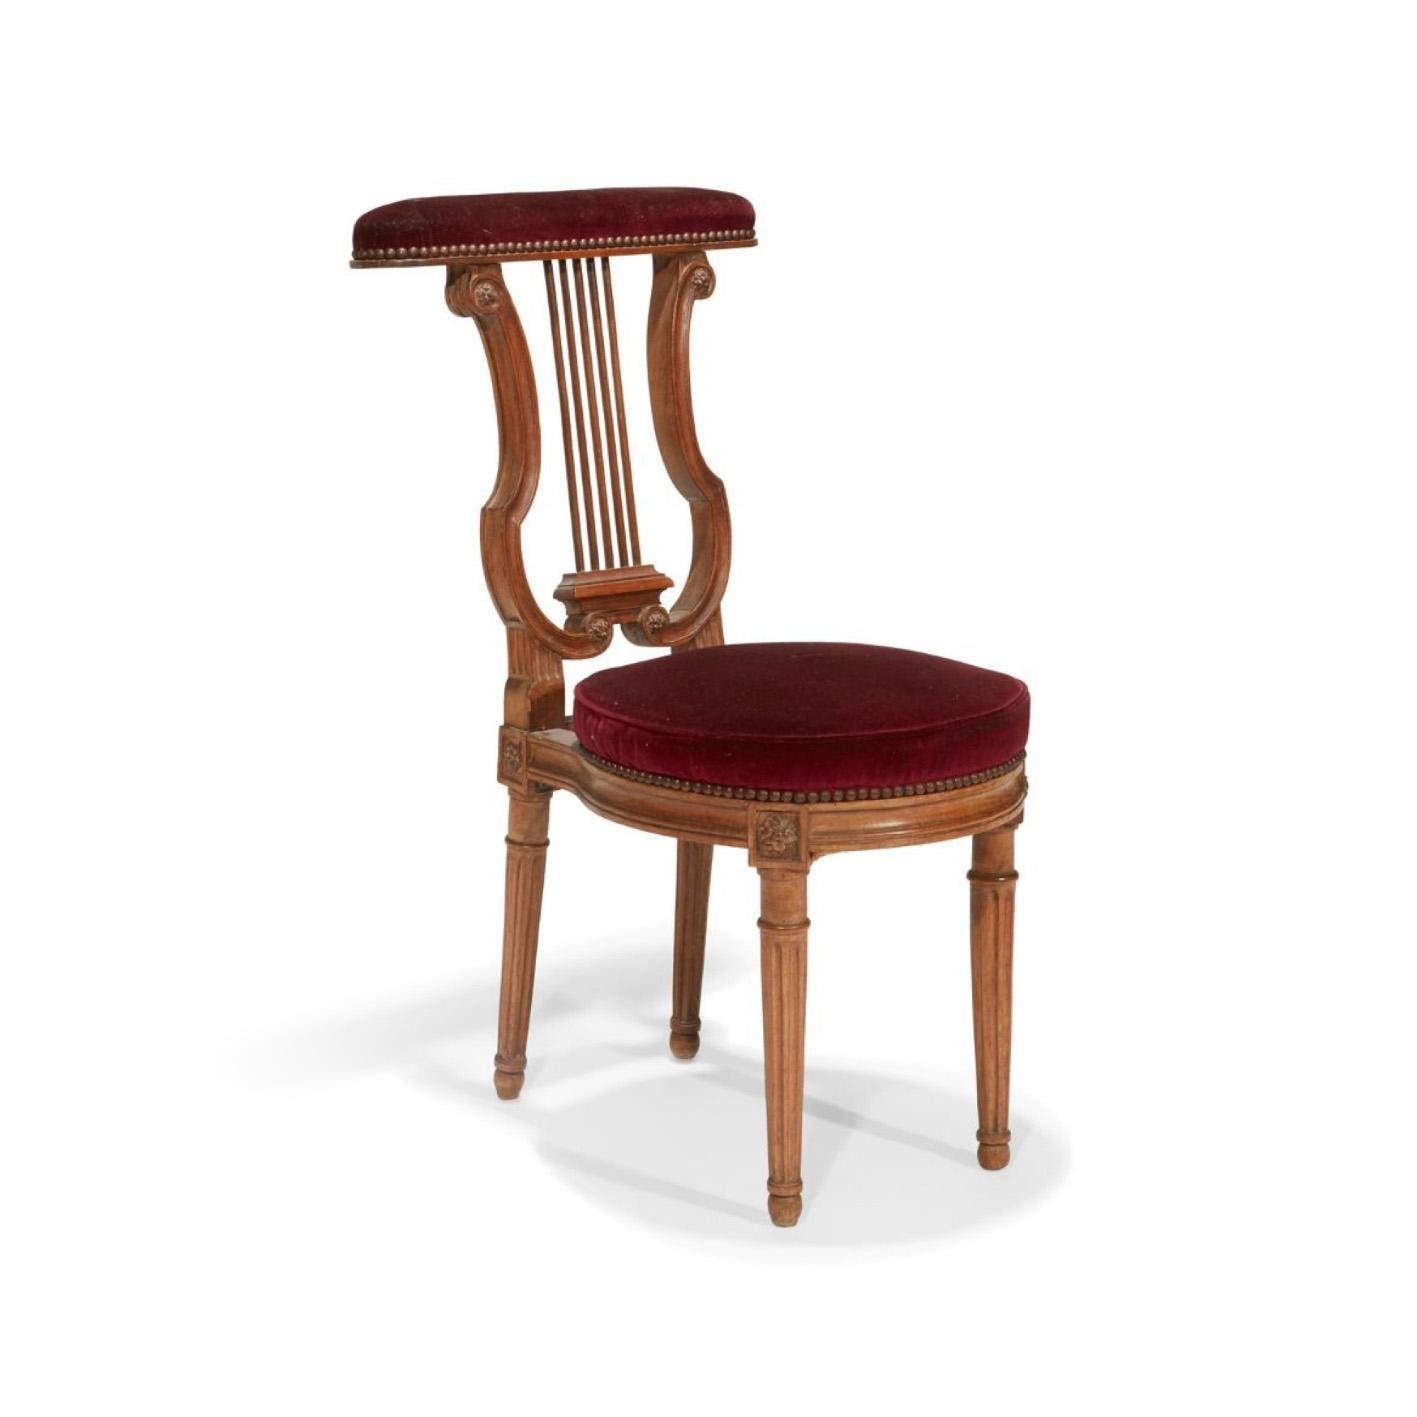 1040€ Époque LouisXVI, chaise ponteuse en hêtre à dossier ajouré, pieds fuselés et cannelés, 89x39x45cm. Paris, Drouot, 15avril 2